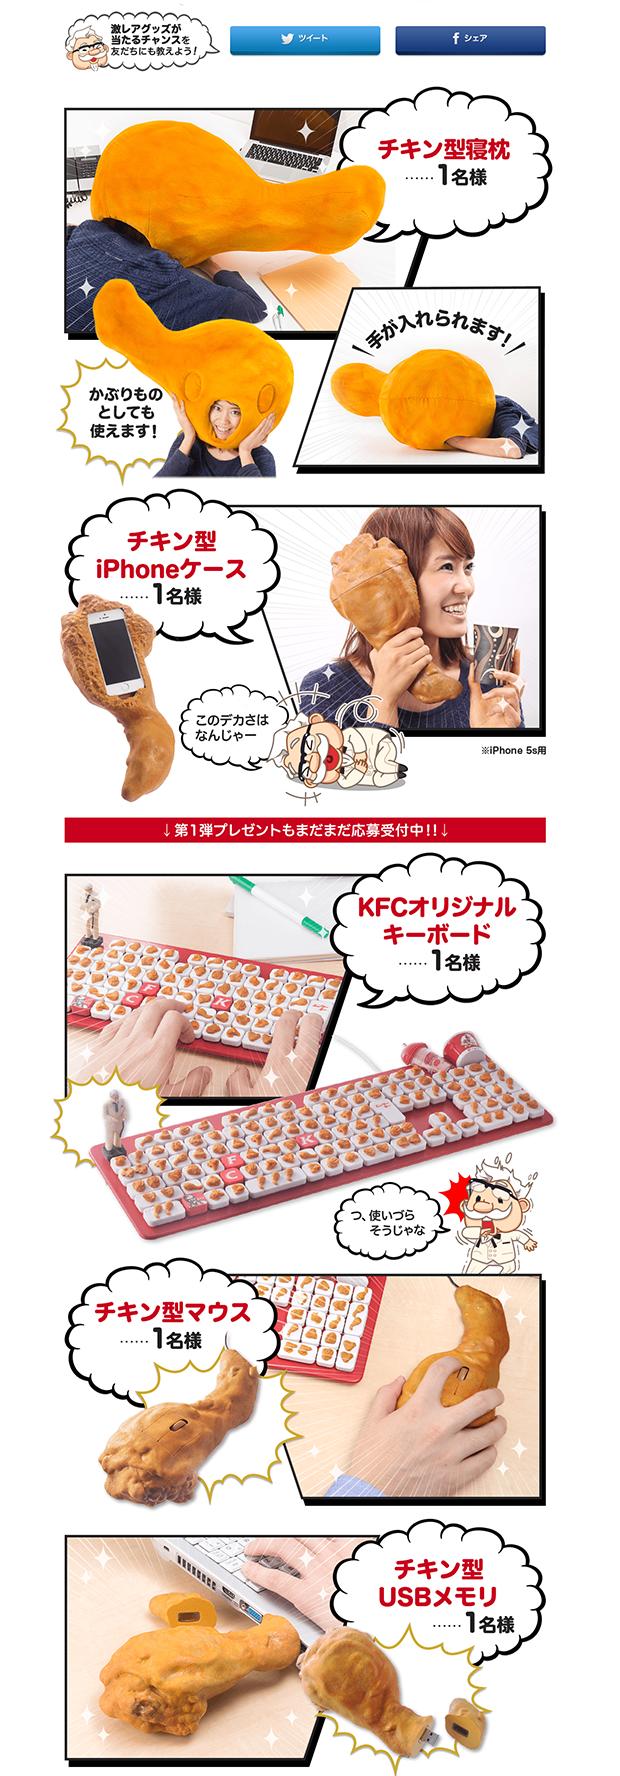 comida curiosidades kawaii noticias ocio sociedad  Otra locura de KFC Japan!  Una enorme funda con forma de muslo de pollo frito para el  iPhone!